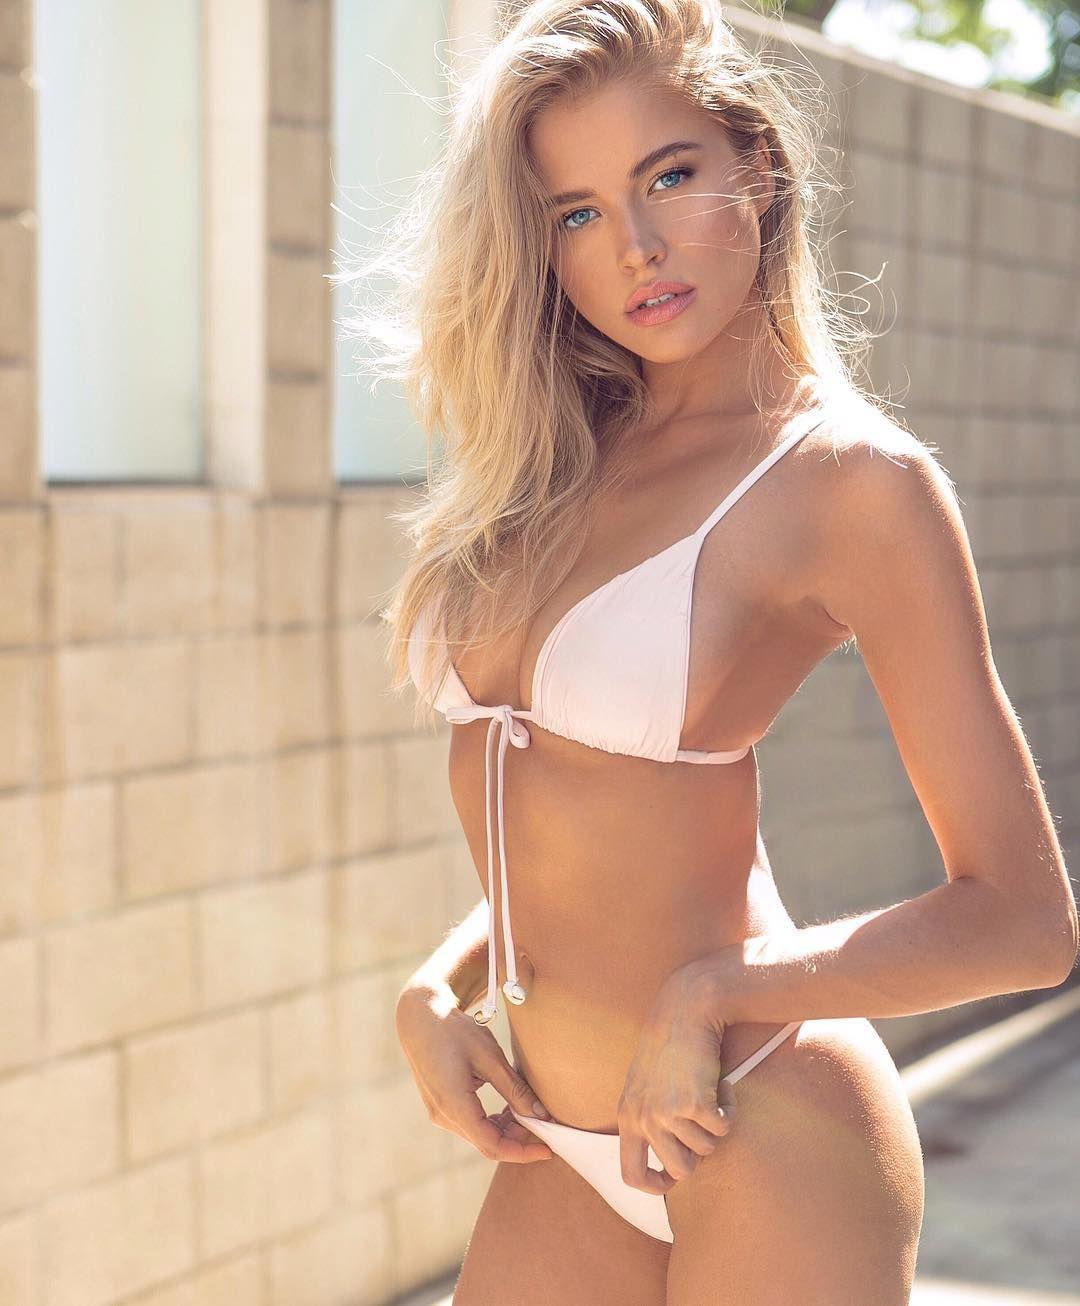 Русские голые студентки порно фото